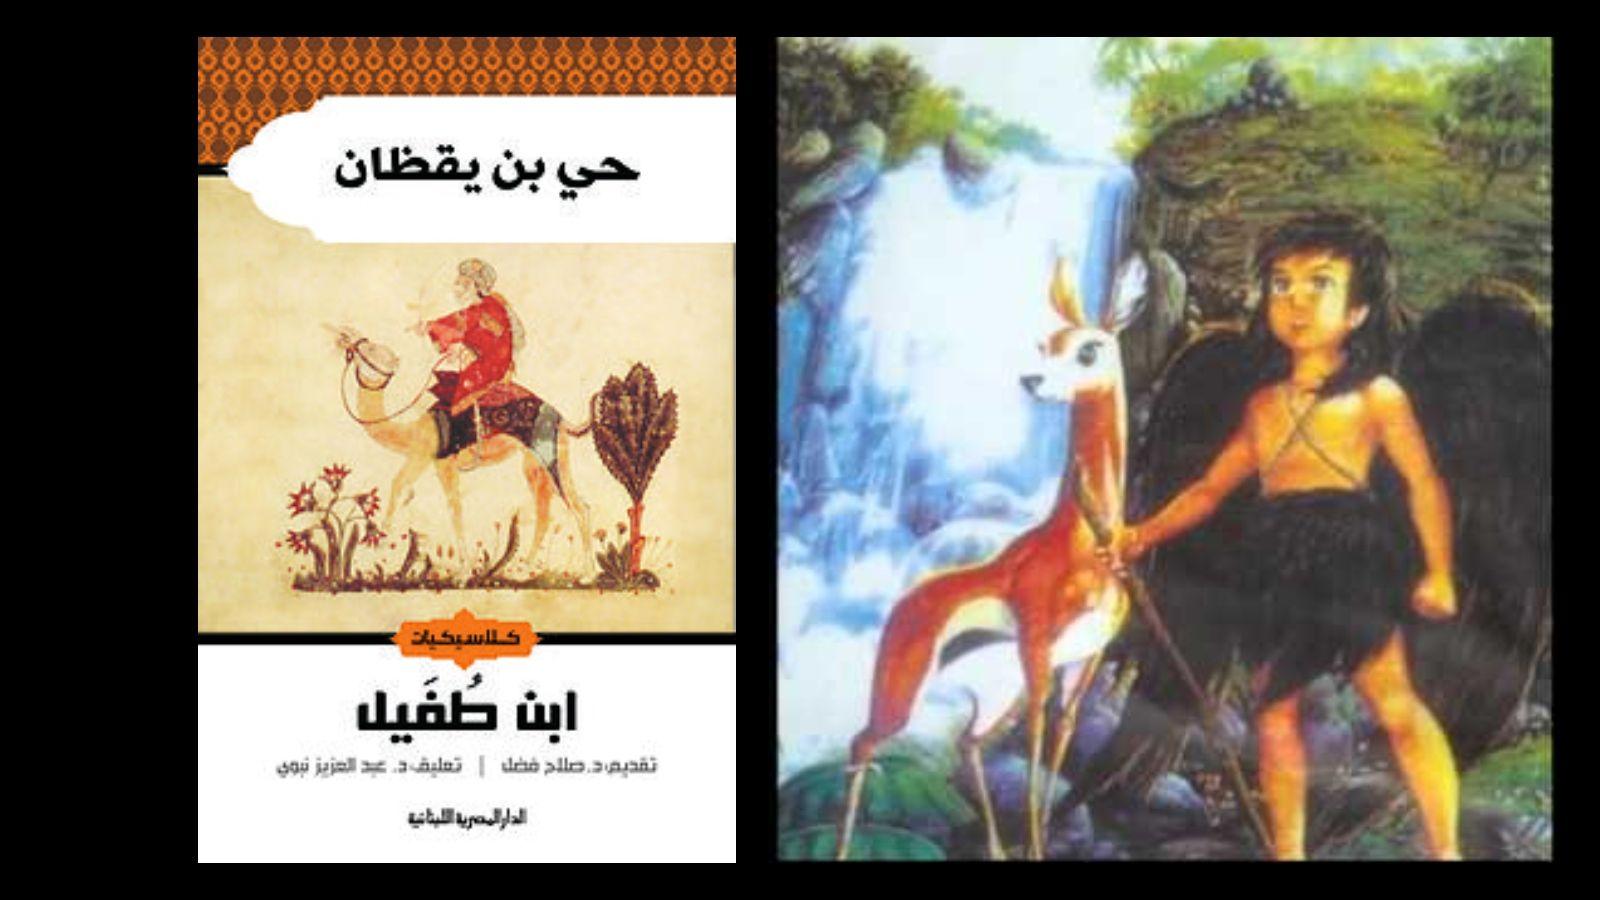 ملخص كتاب حي بن يقظان Movie Posters Movies Poster